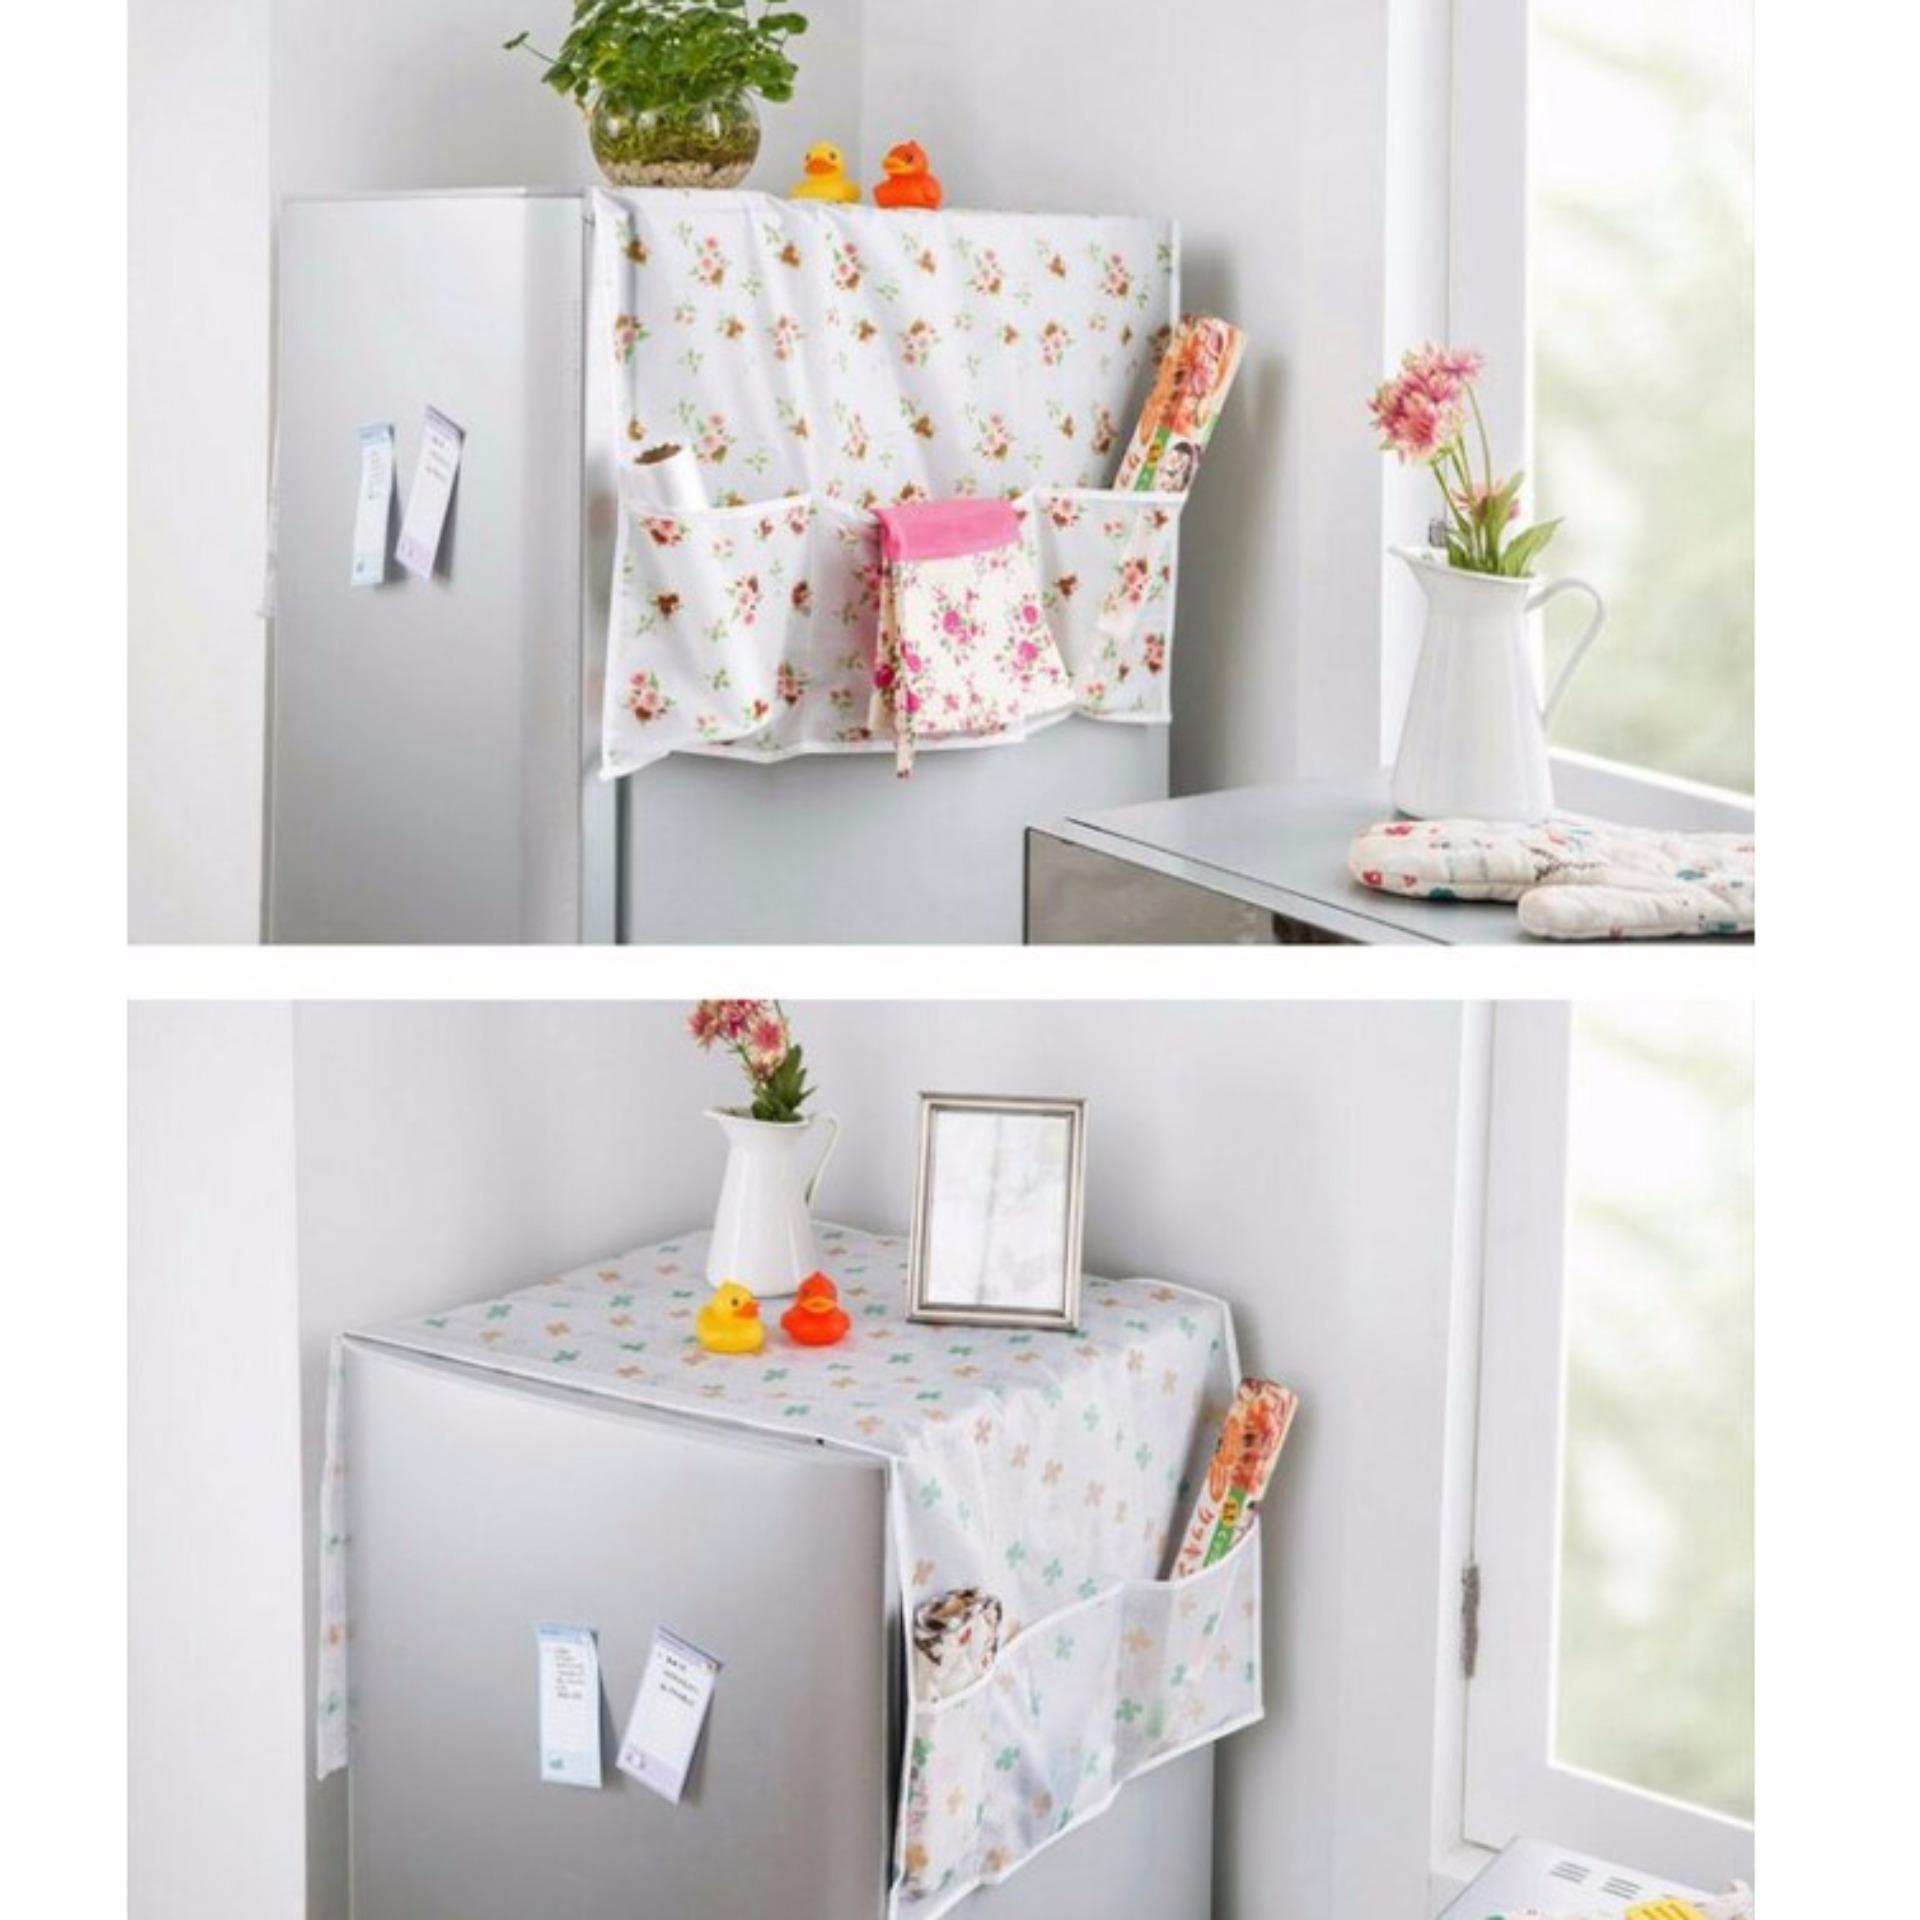 Tấm phủ tủ lạnh chống thấm cho nhà thêm xinh